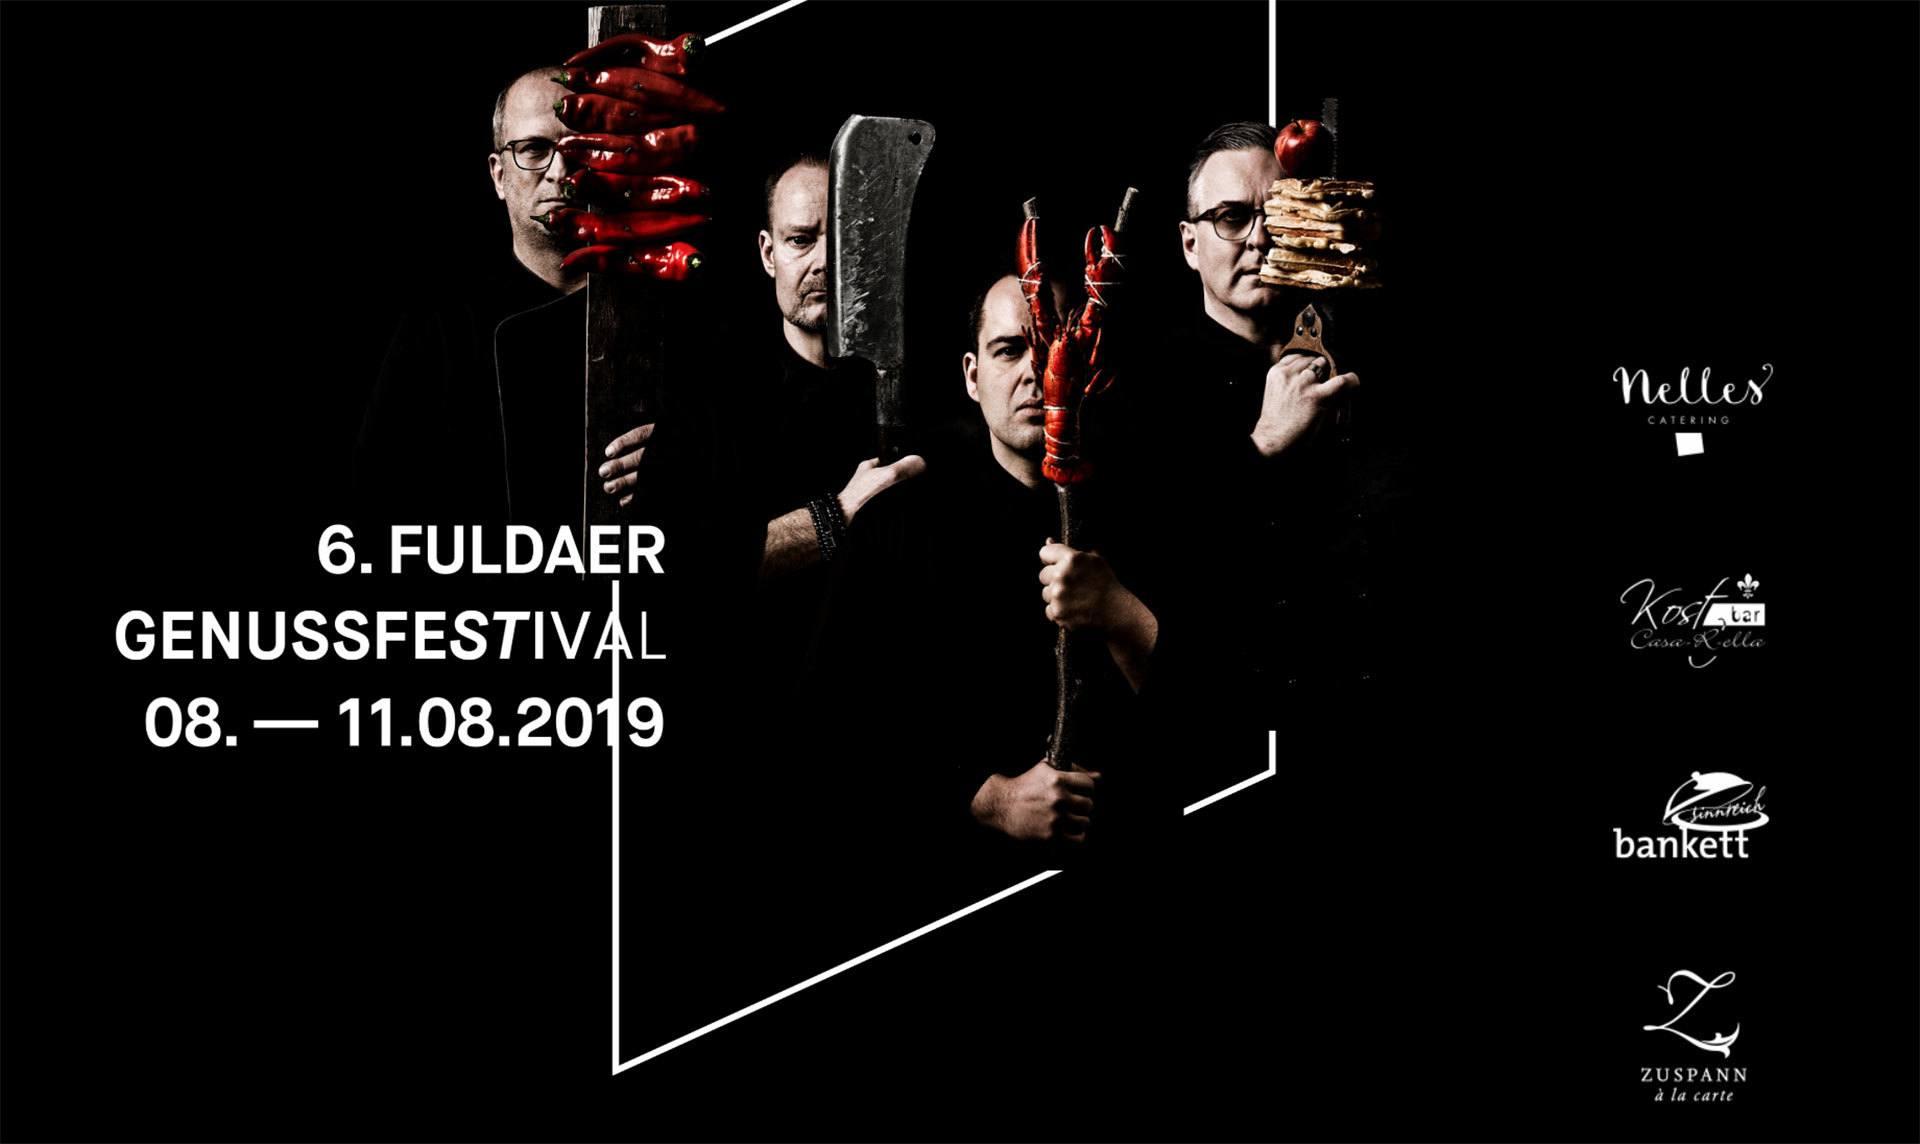 Fuldaer Genussfestival 2019